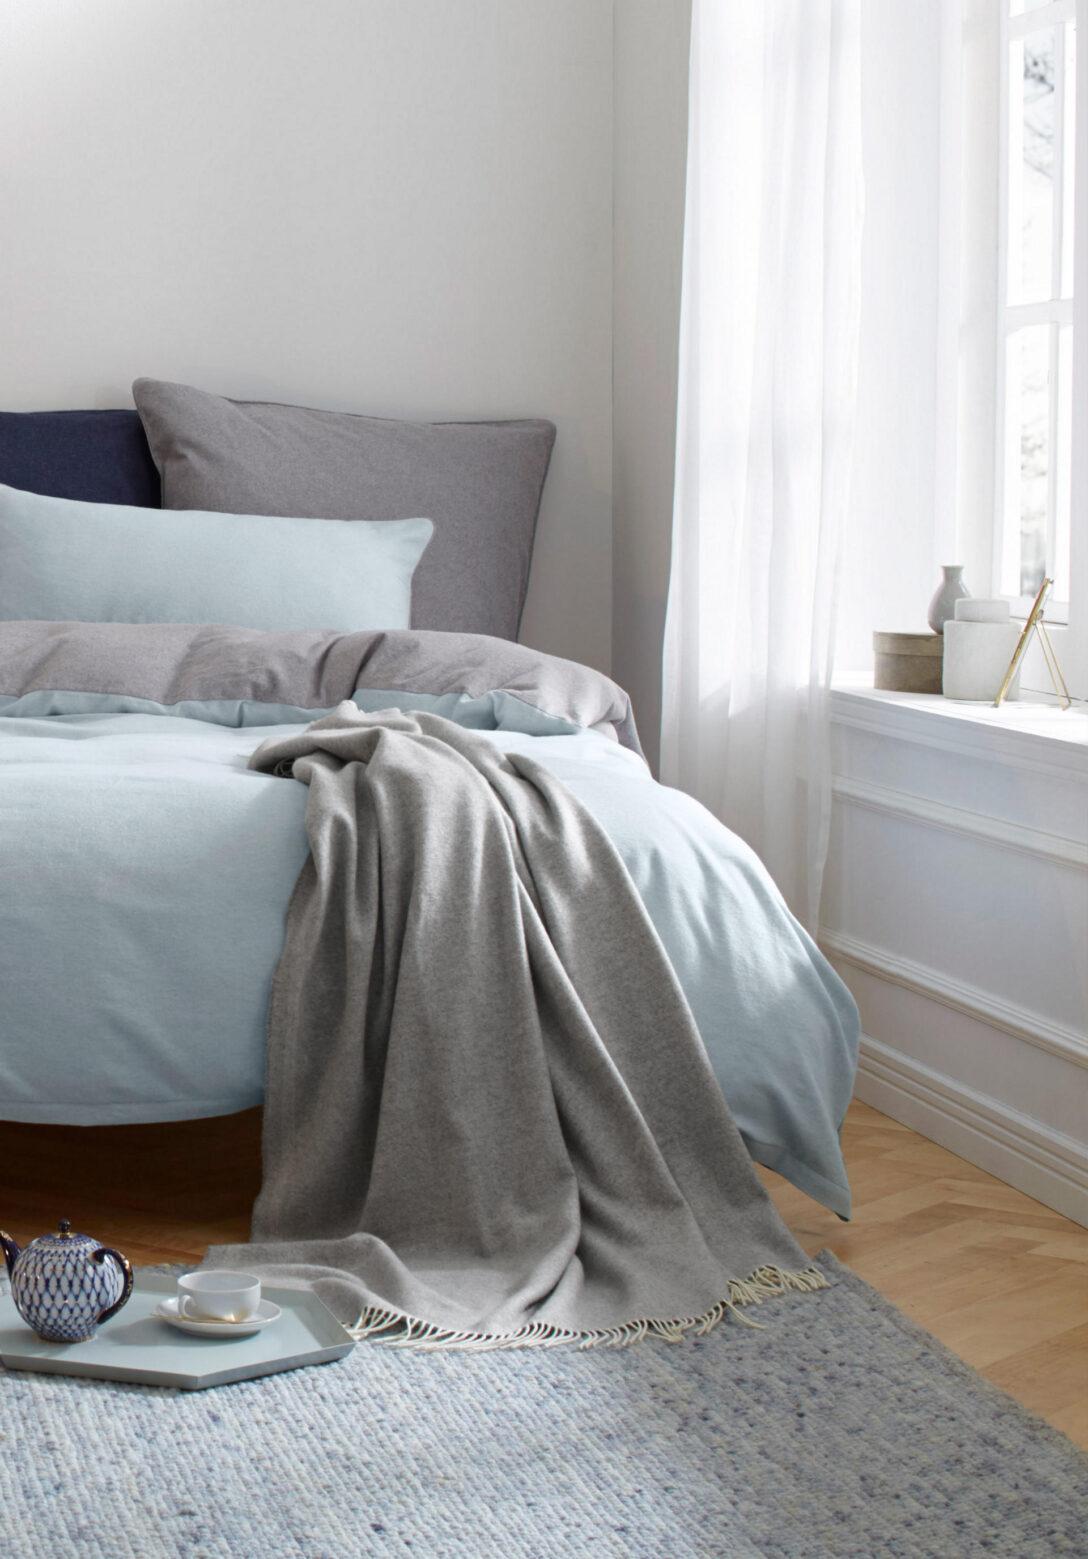 Large Size of Teppich Aus Schurwolle Wolke Ivory 220 Betten Ikea 160x200 Küche Kosten Miniküche Kaufen Sofa Mit Schlaffunktion Modulküche Bei Wohnzimmer Küchenläufer Ikea